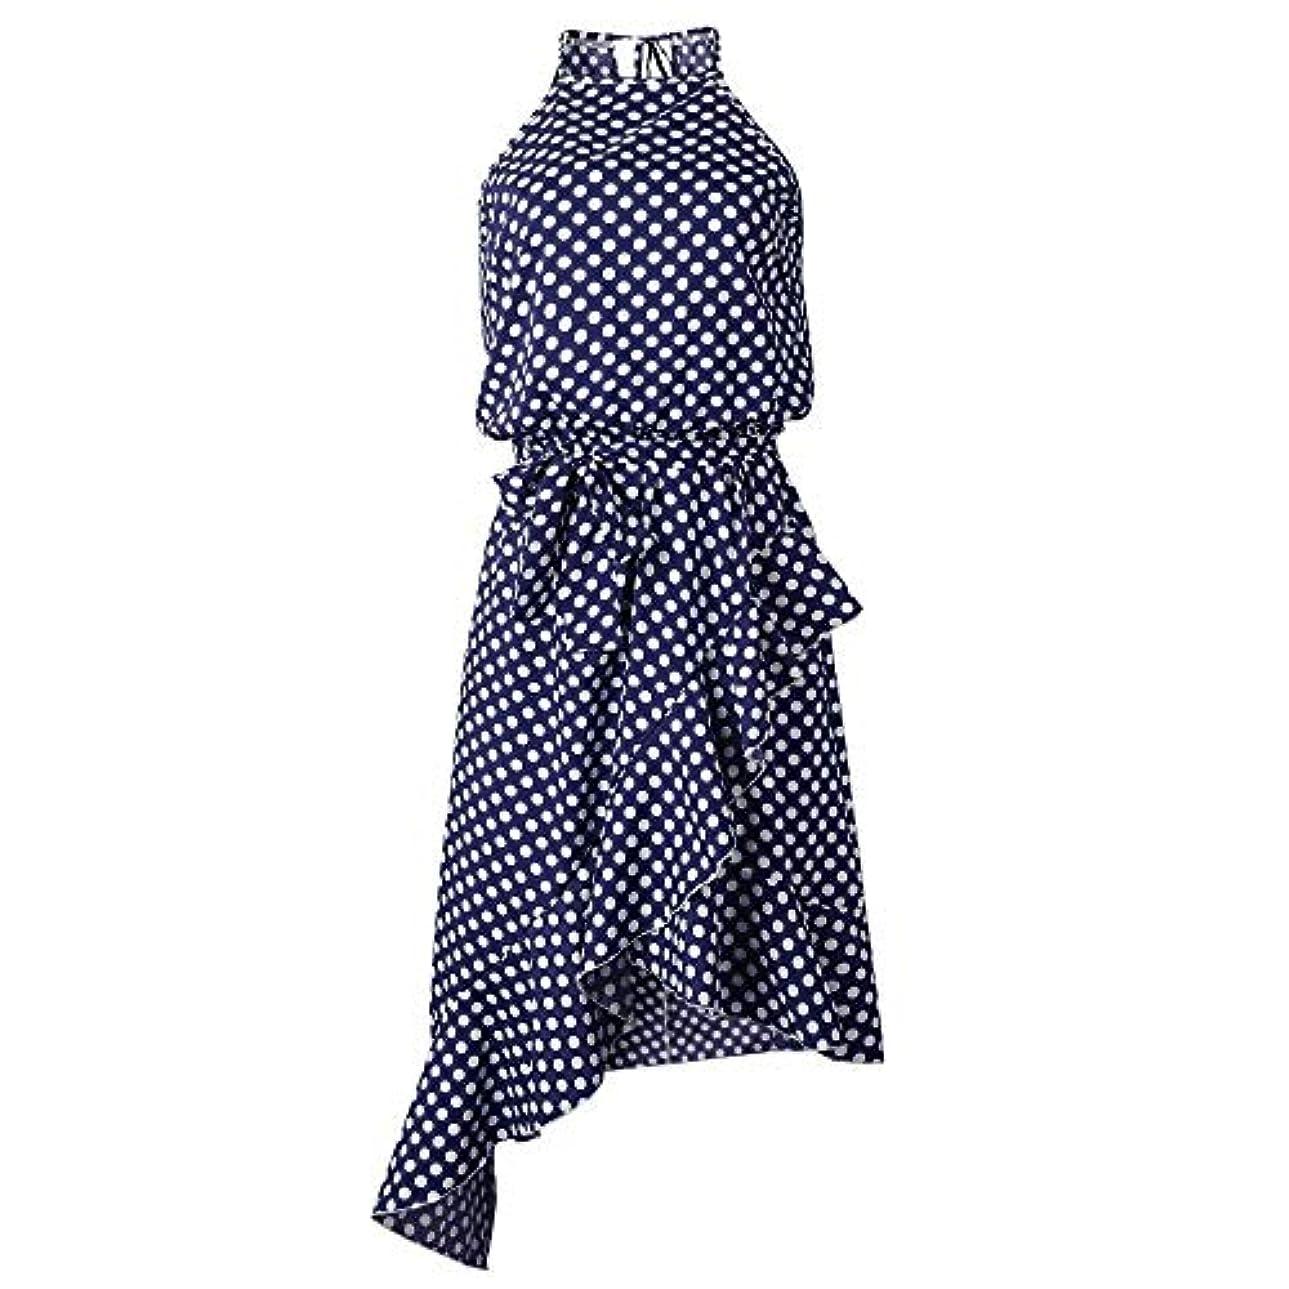 成功ベアリング協定Onderroa - 夏のドレスの女性の新しいファッションホルターポルカドットプリントカジュアルドレスレディースフリルエレガントなドレス